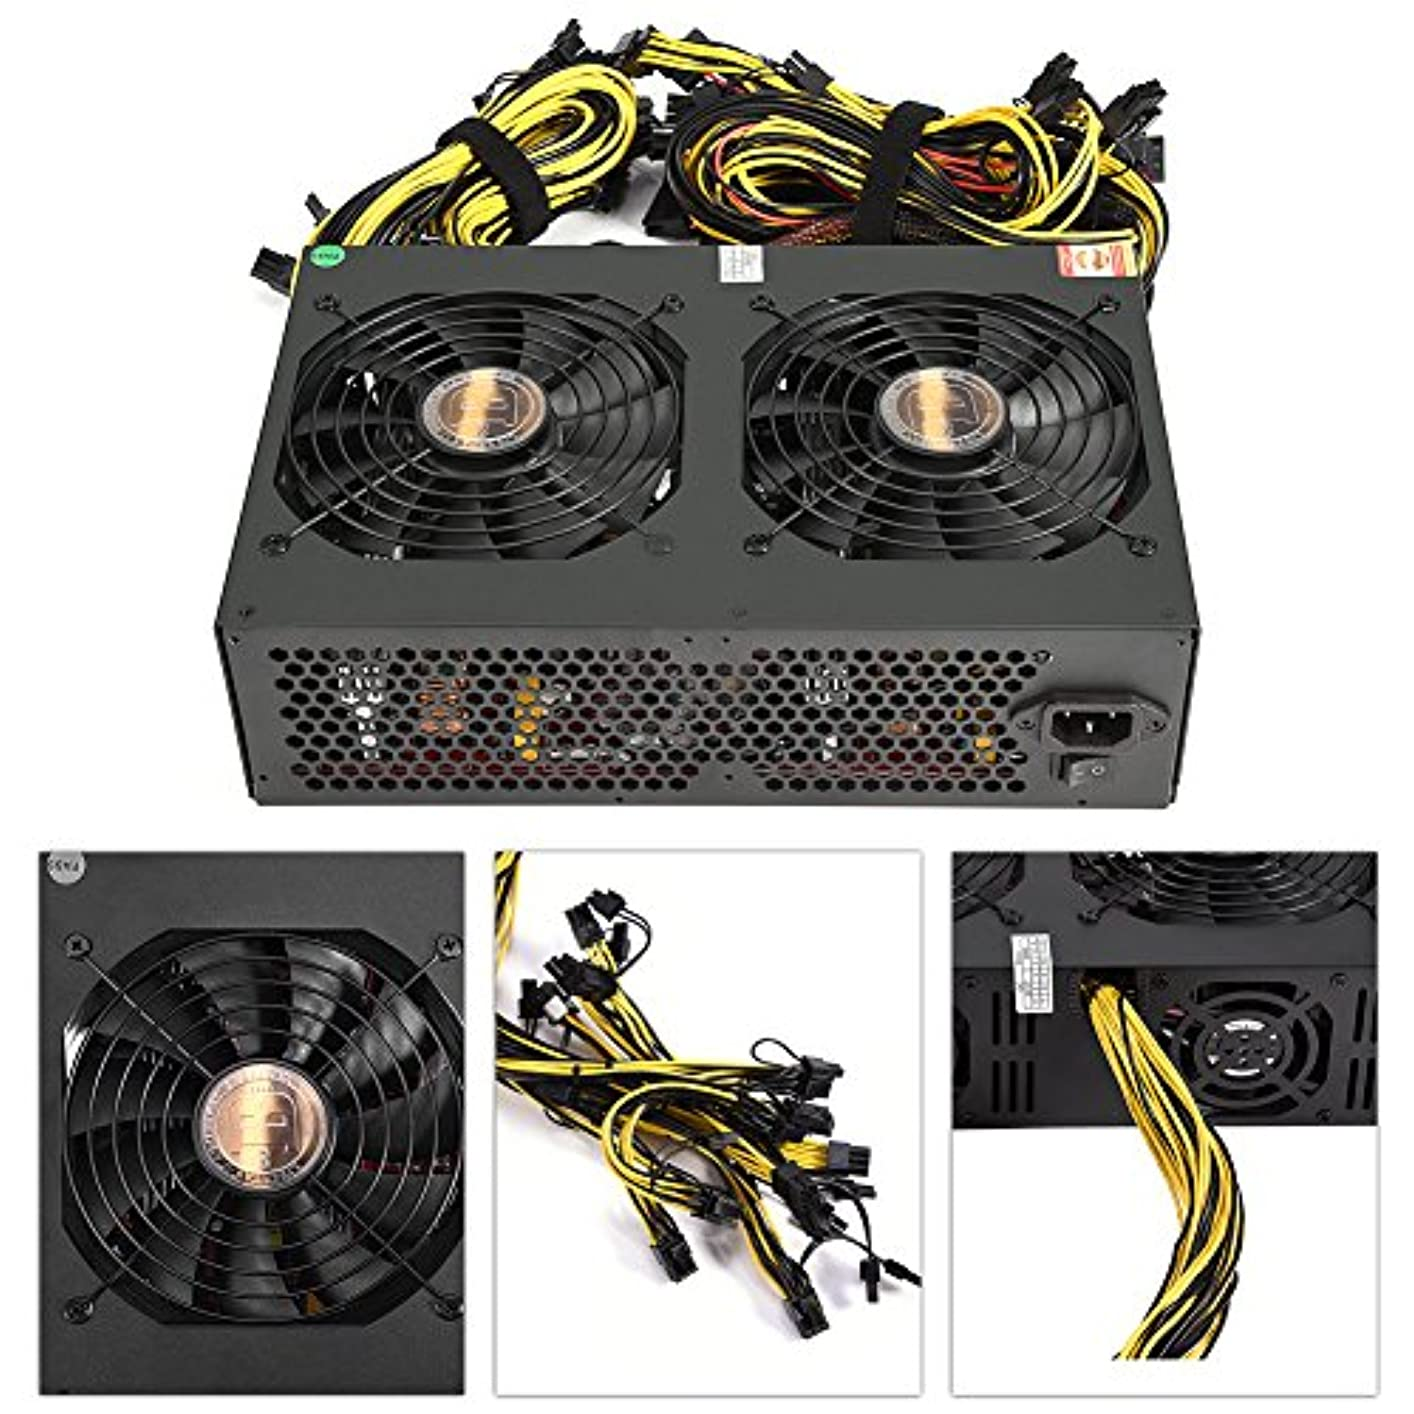 溶けるクラシカル現金VBESTLIFE 3450WマイナーATX電源 コンピュータデュアル140mmファン 24Pin/8Pin/Dタイプ/IDE/SATA/12V 6 + 2Pinコネクタ付く Bitcoin/Litecoinマイニングマシン適用